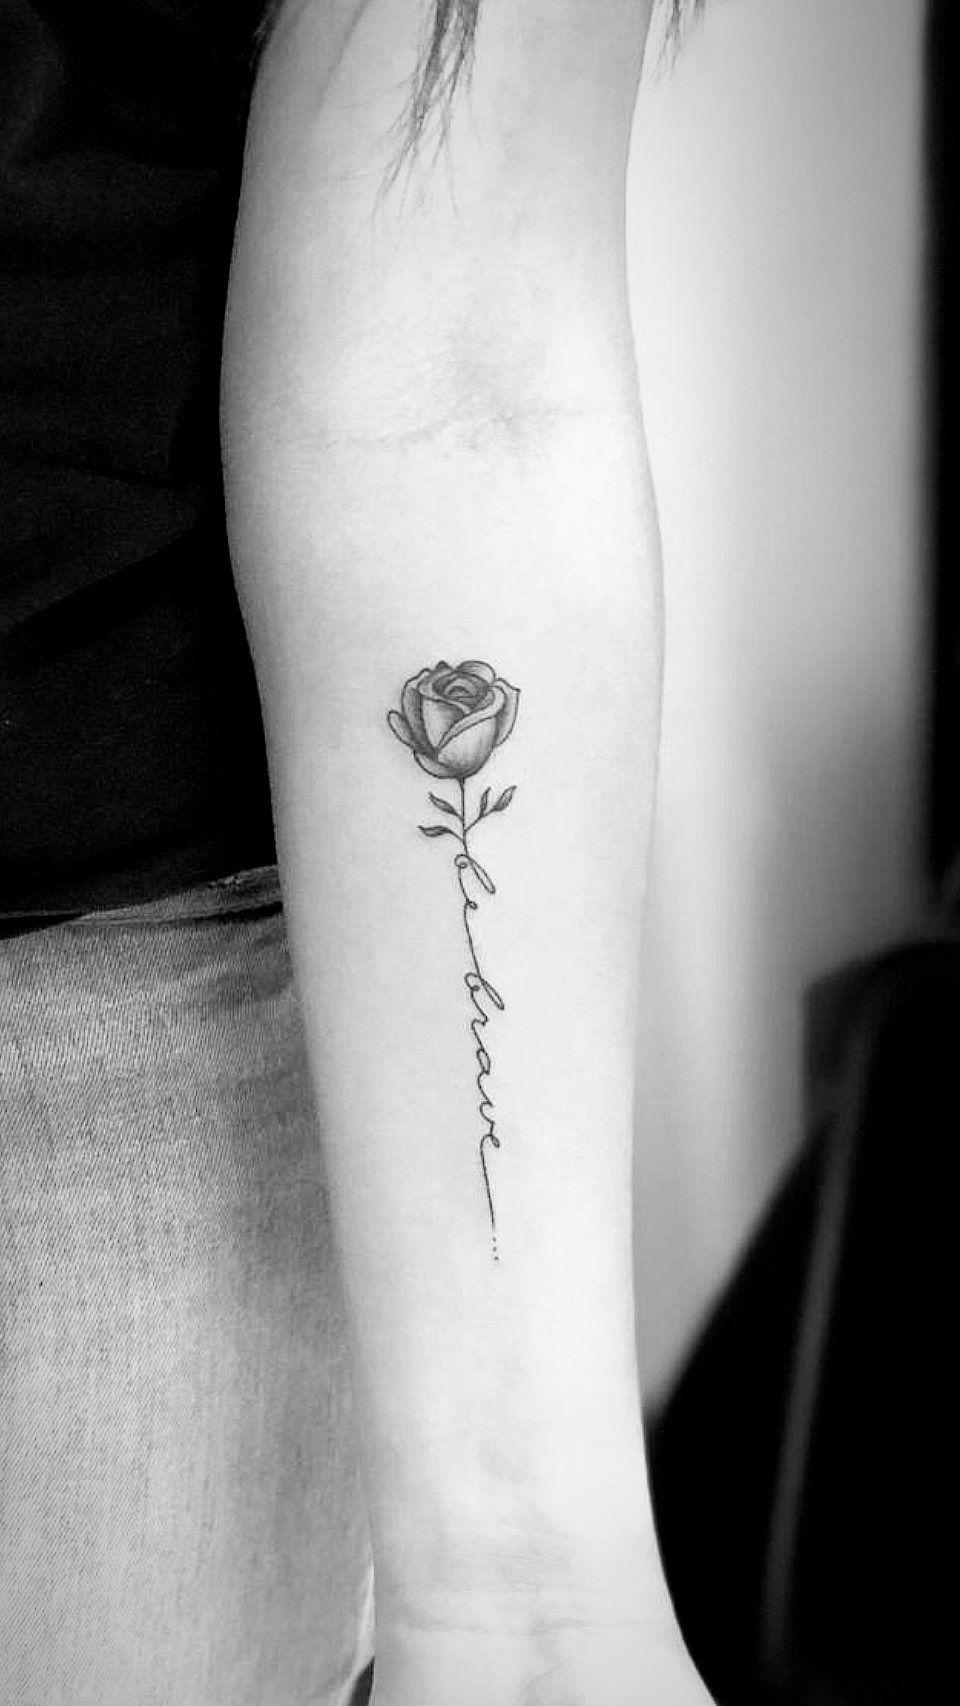 , Minha #tatto, My Tattoo Blog 2020, My Tattoo Blog 2020